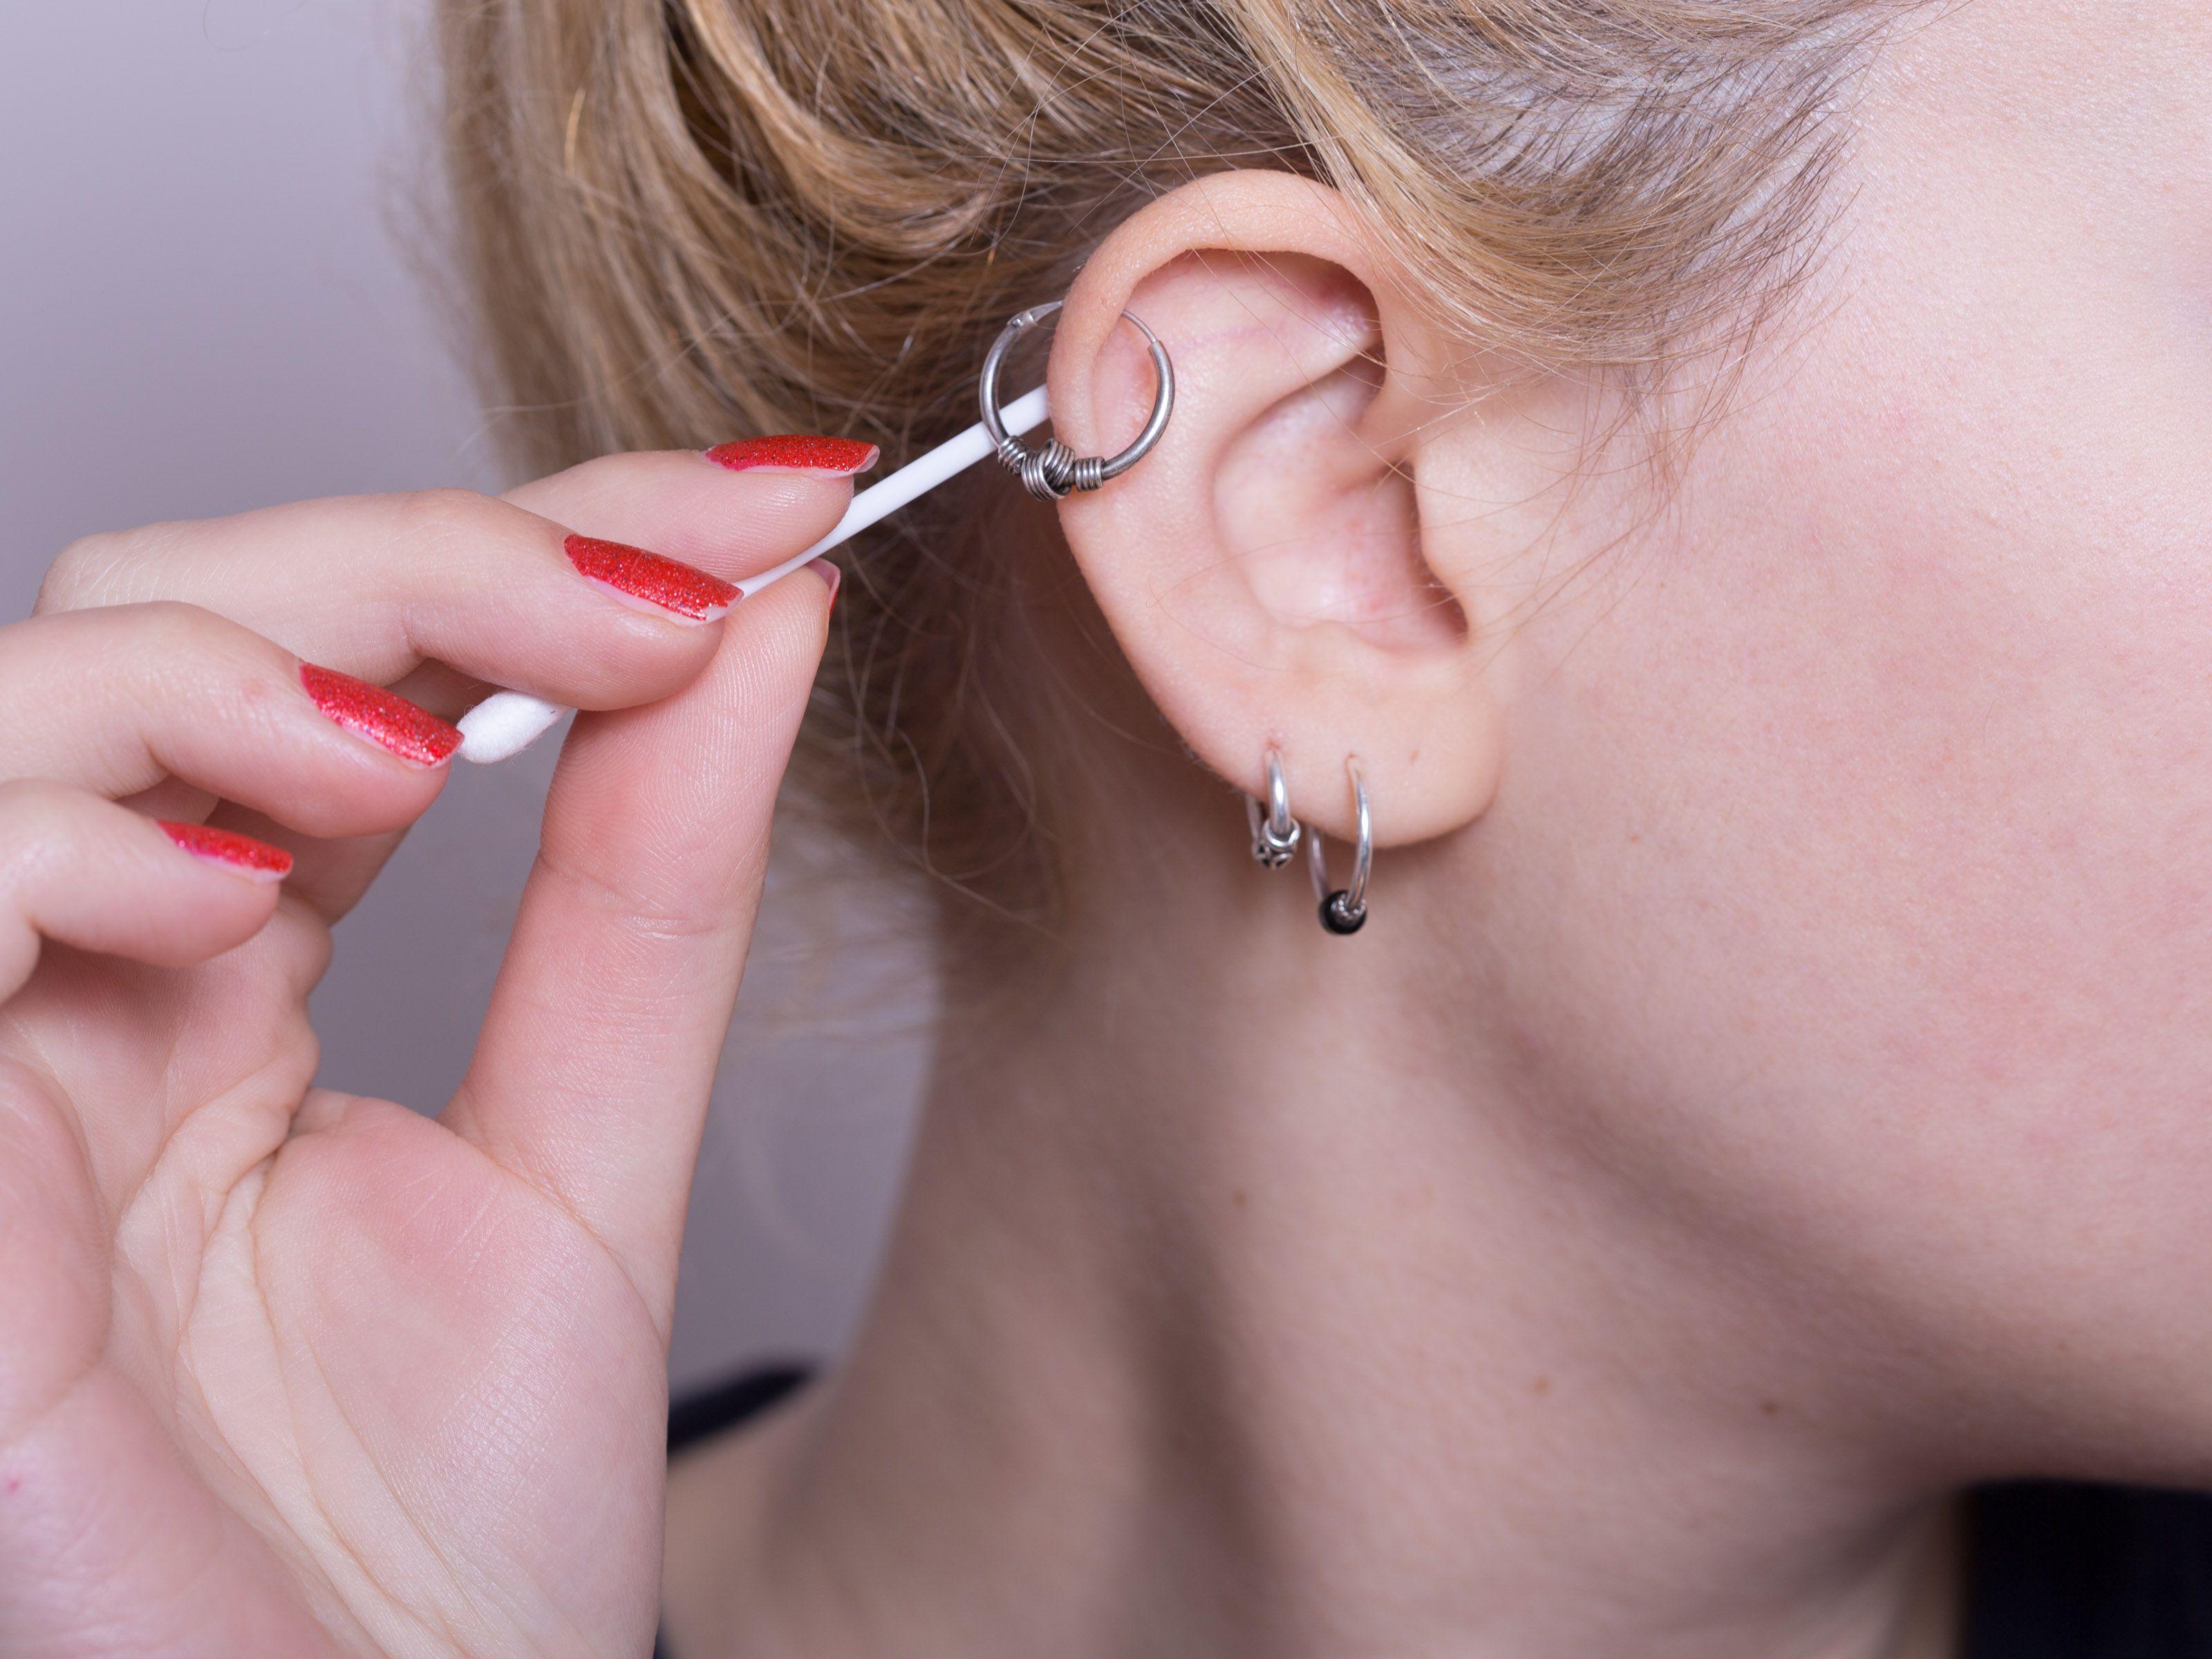 Что делать, если от сережек болят уши?